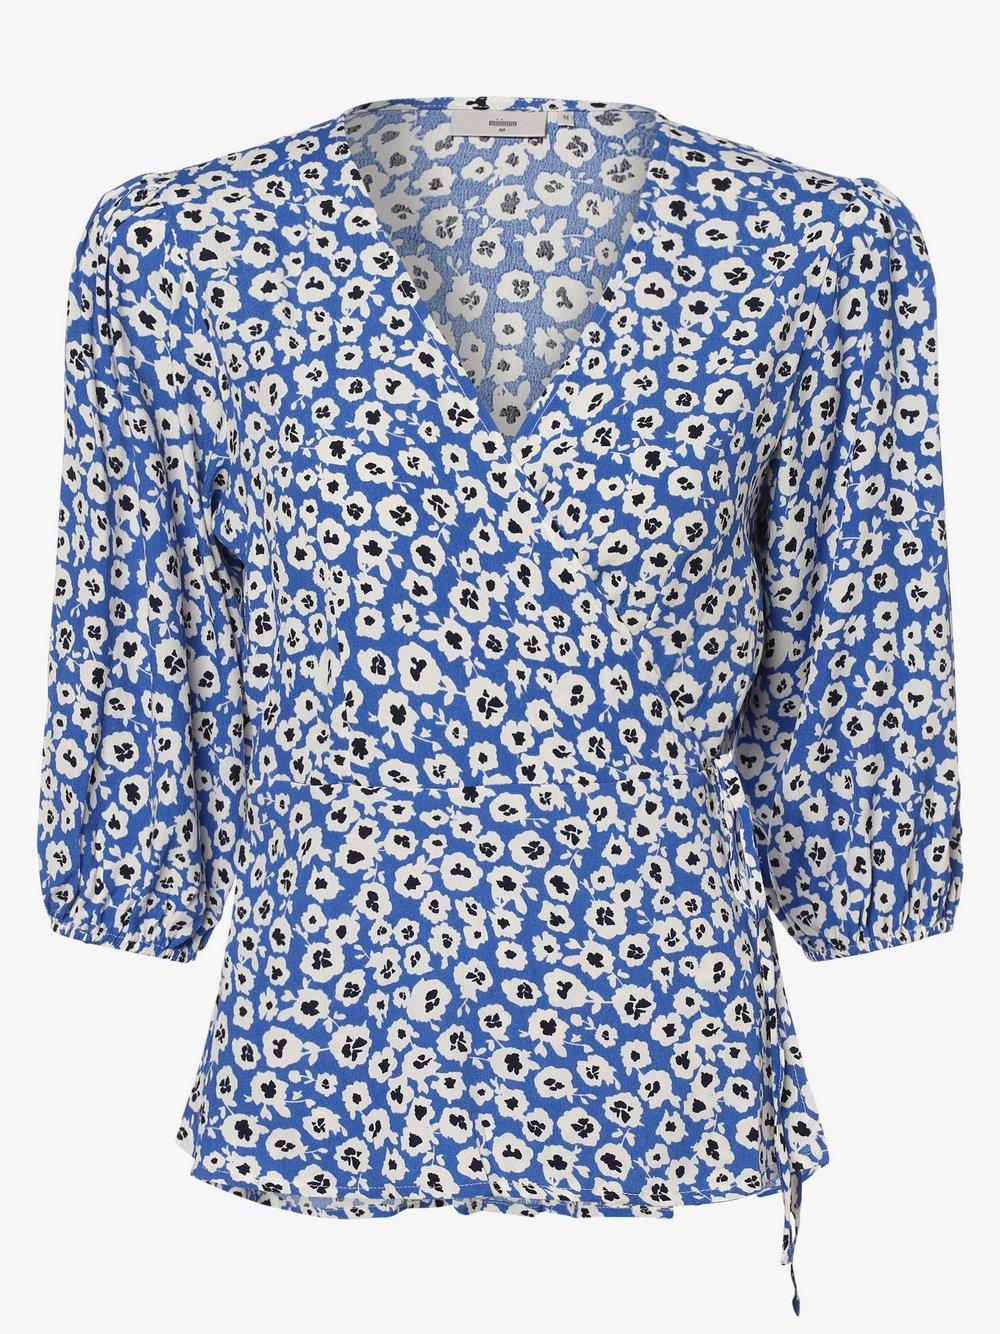 Minimum – Bluzka damska – Melany, niebieski Van Graaf 464888-0001-00400